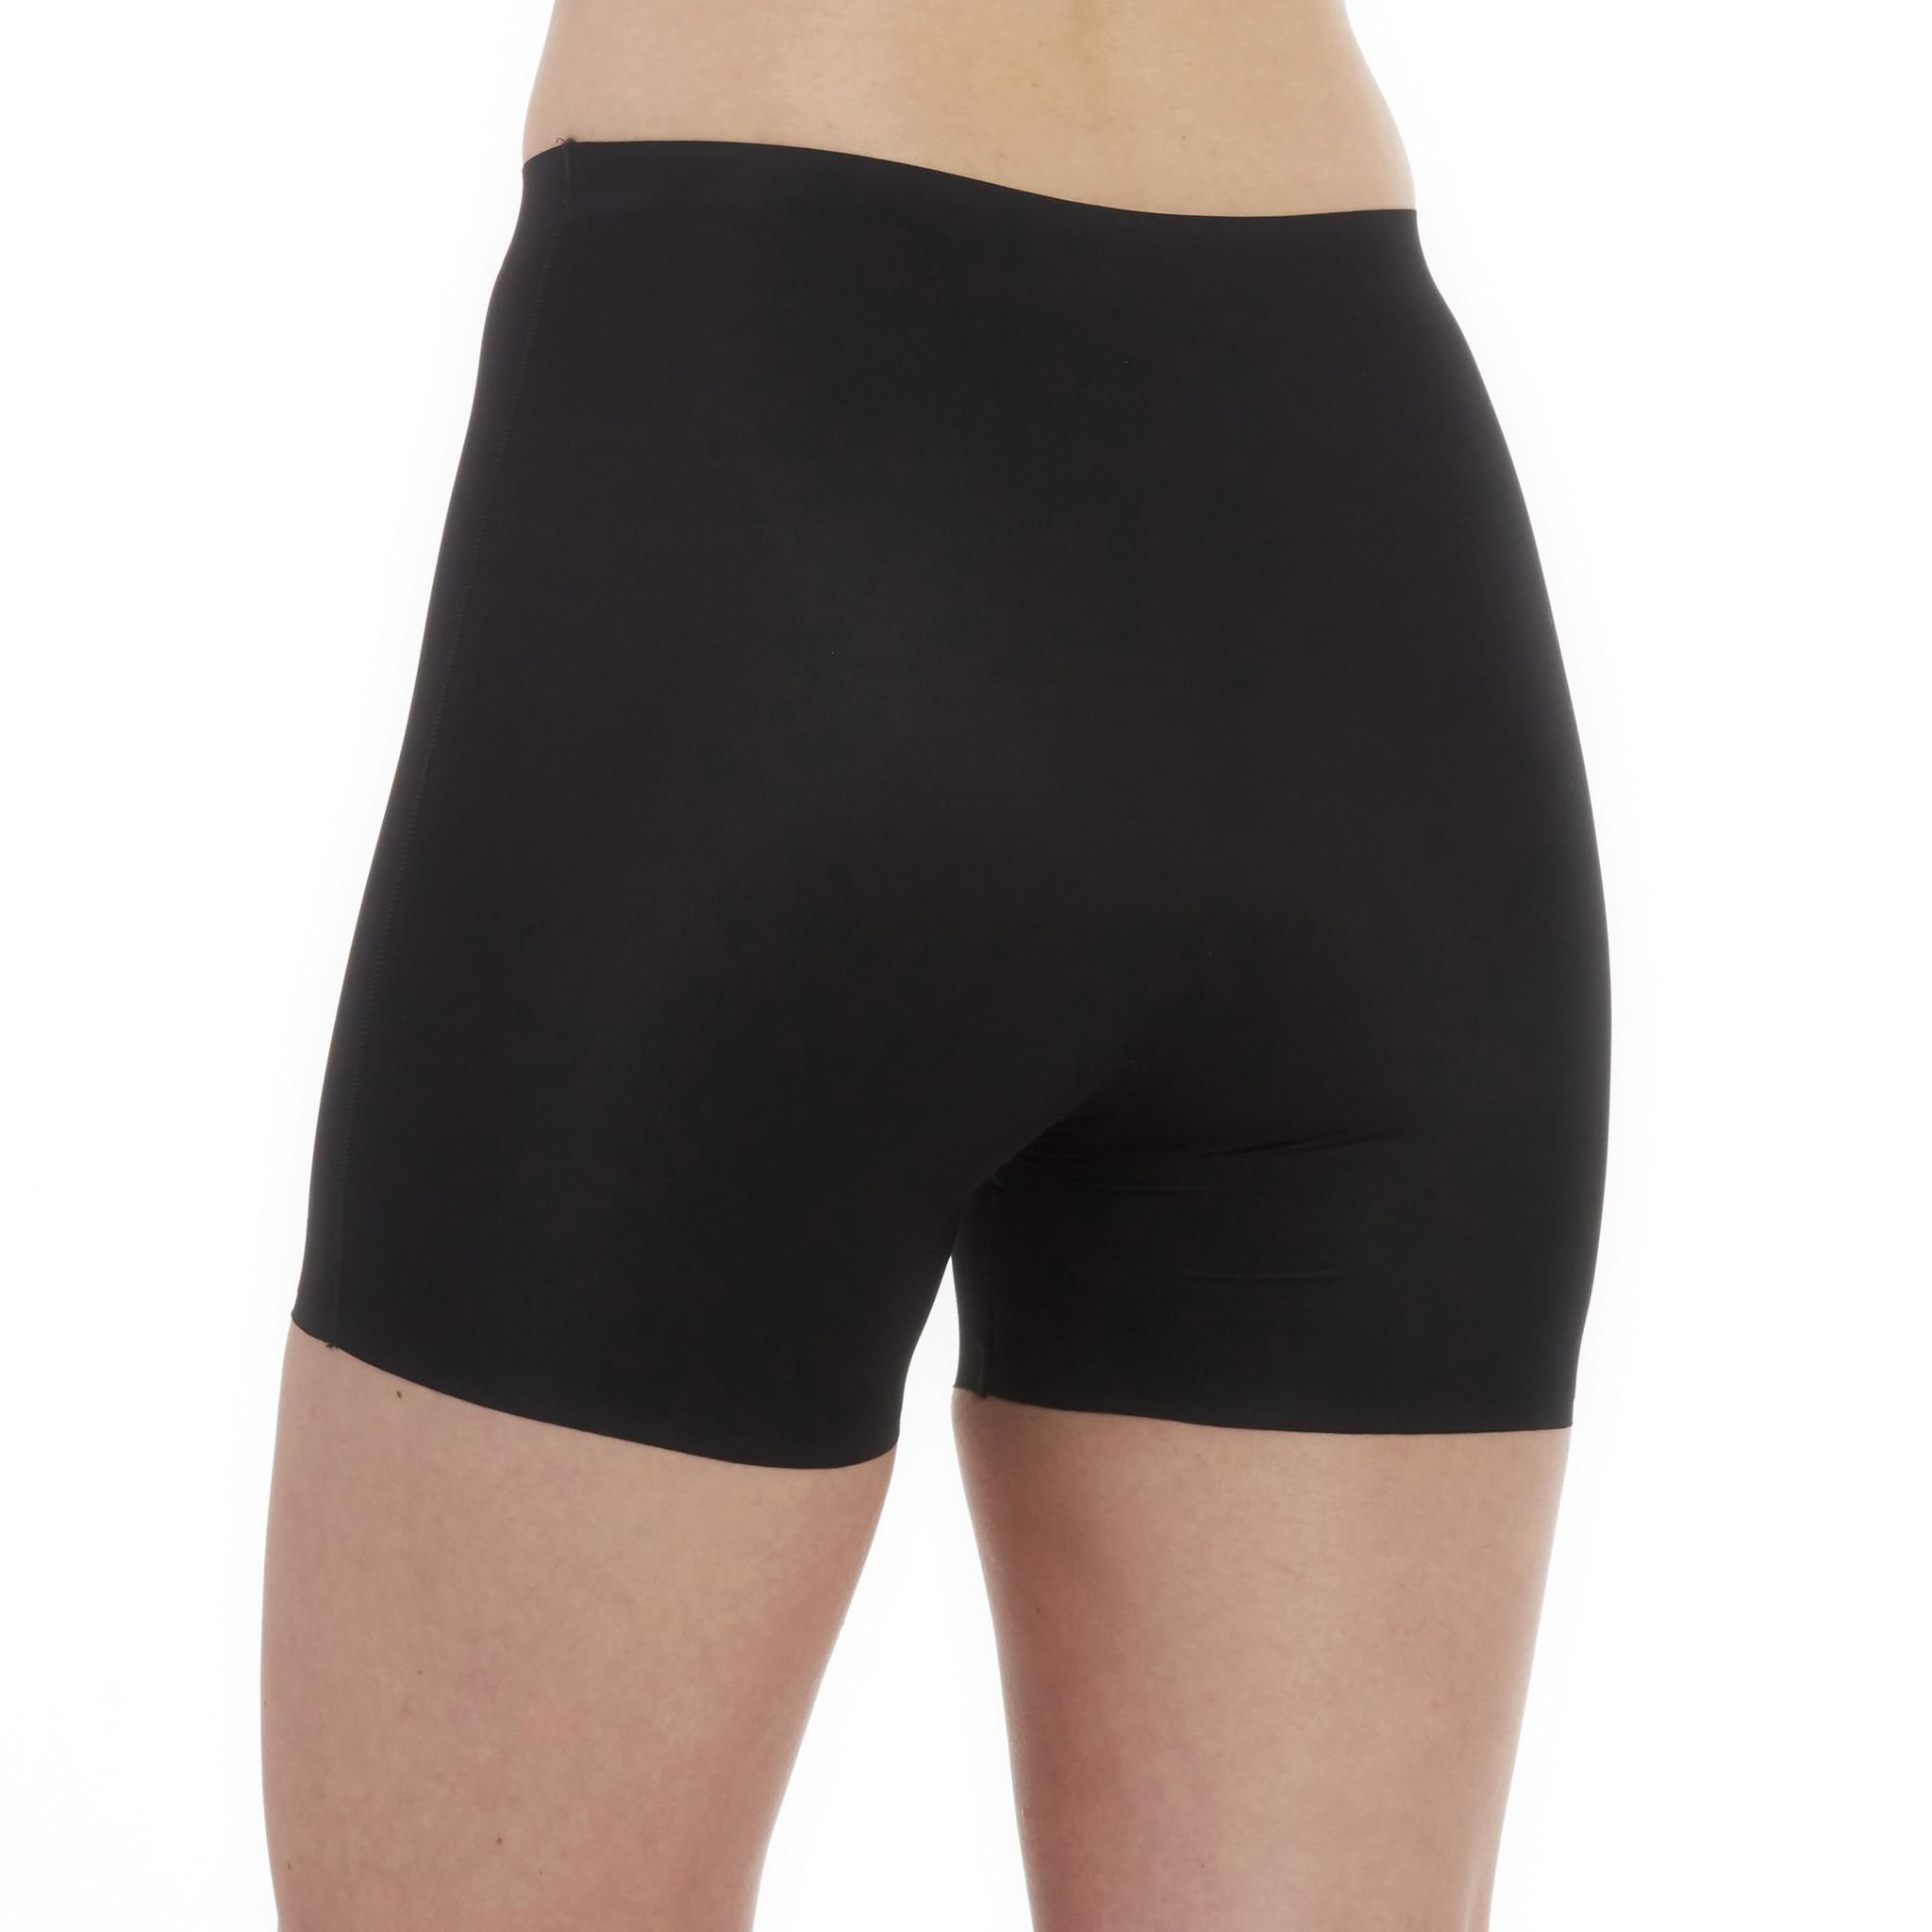 Maxi Sexy Short Magic Bodyfashion | Black